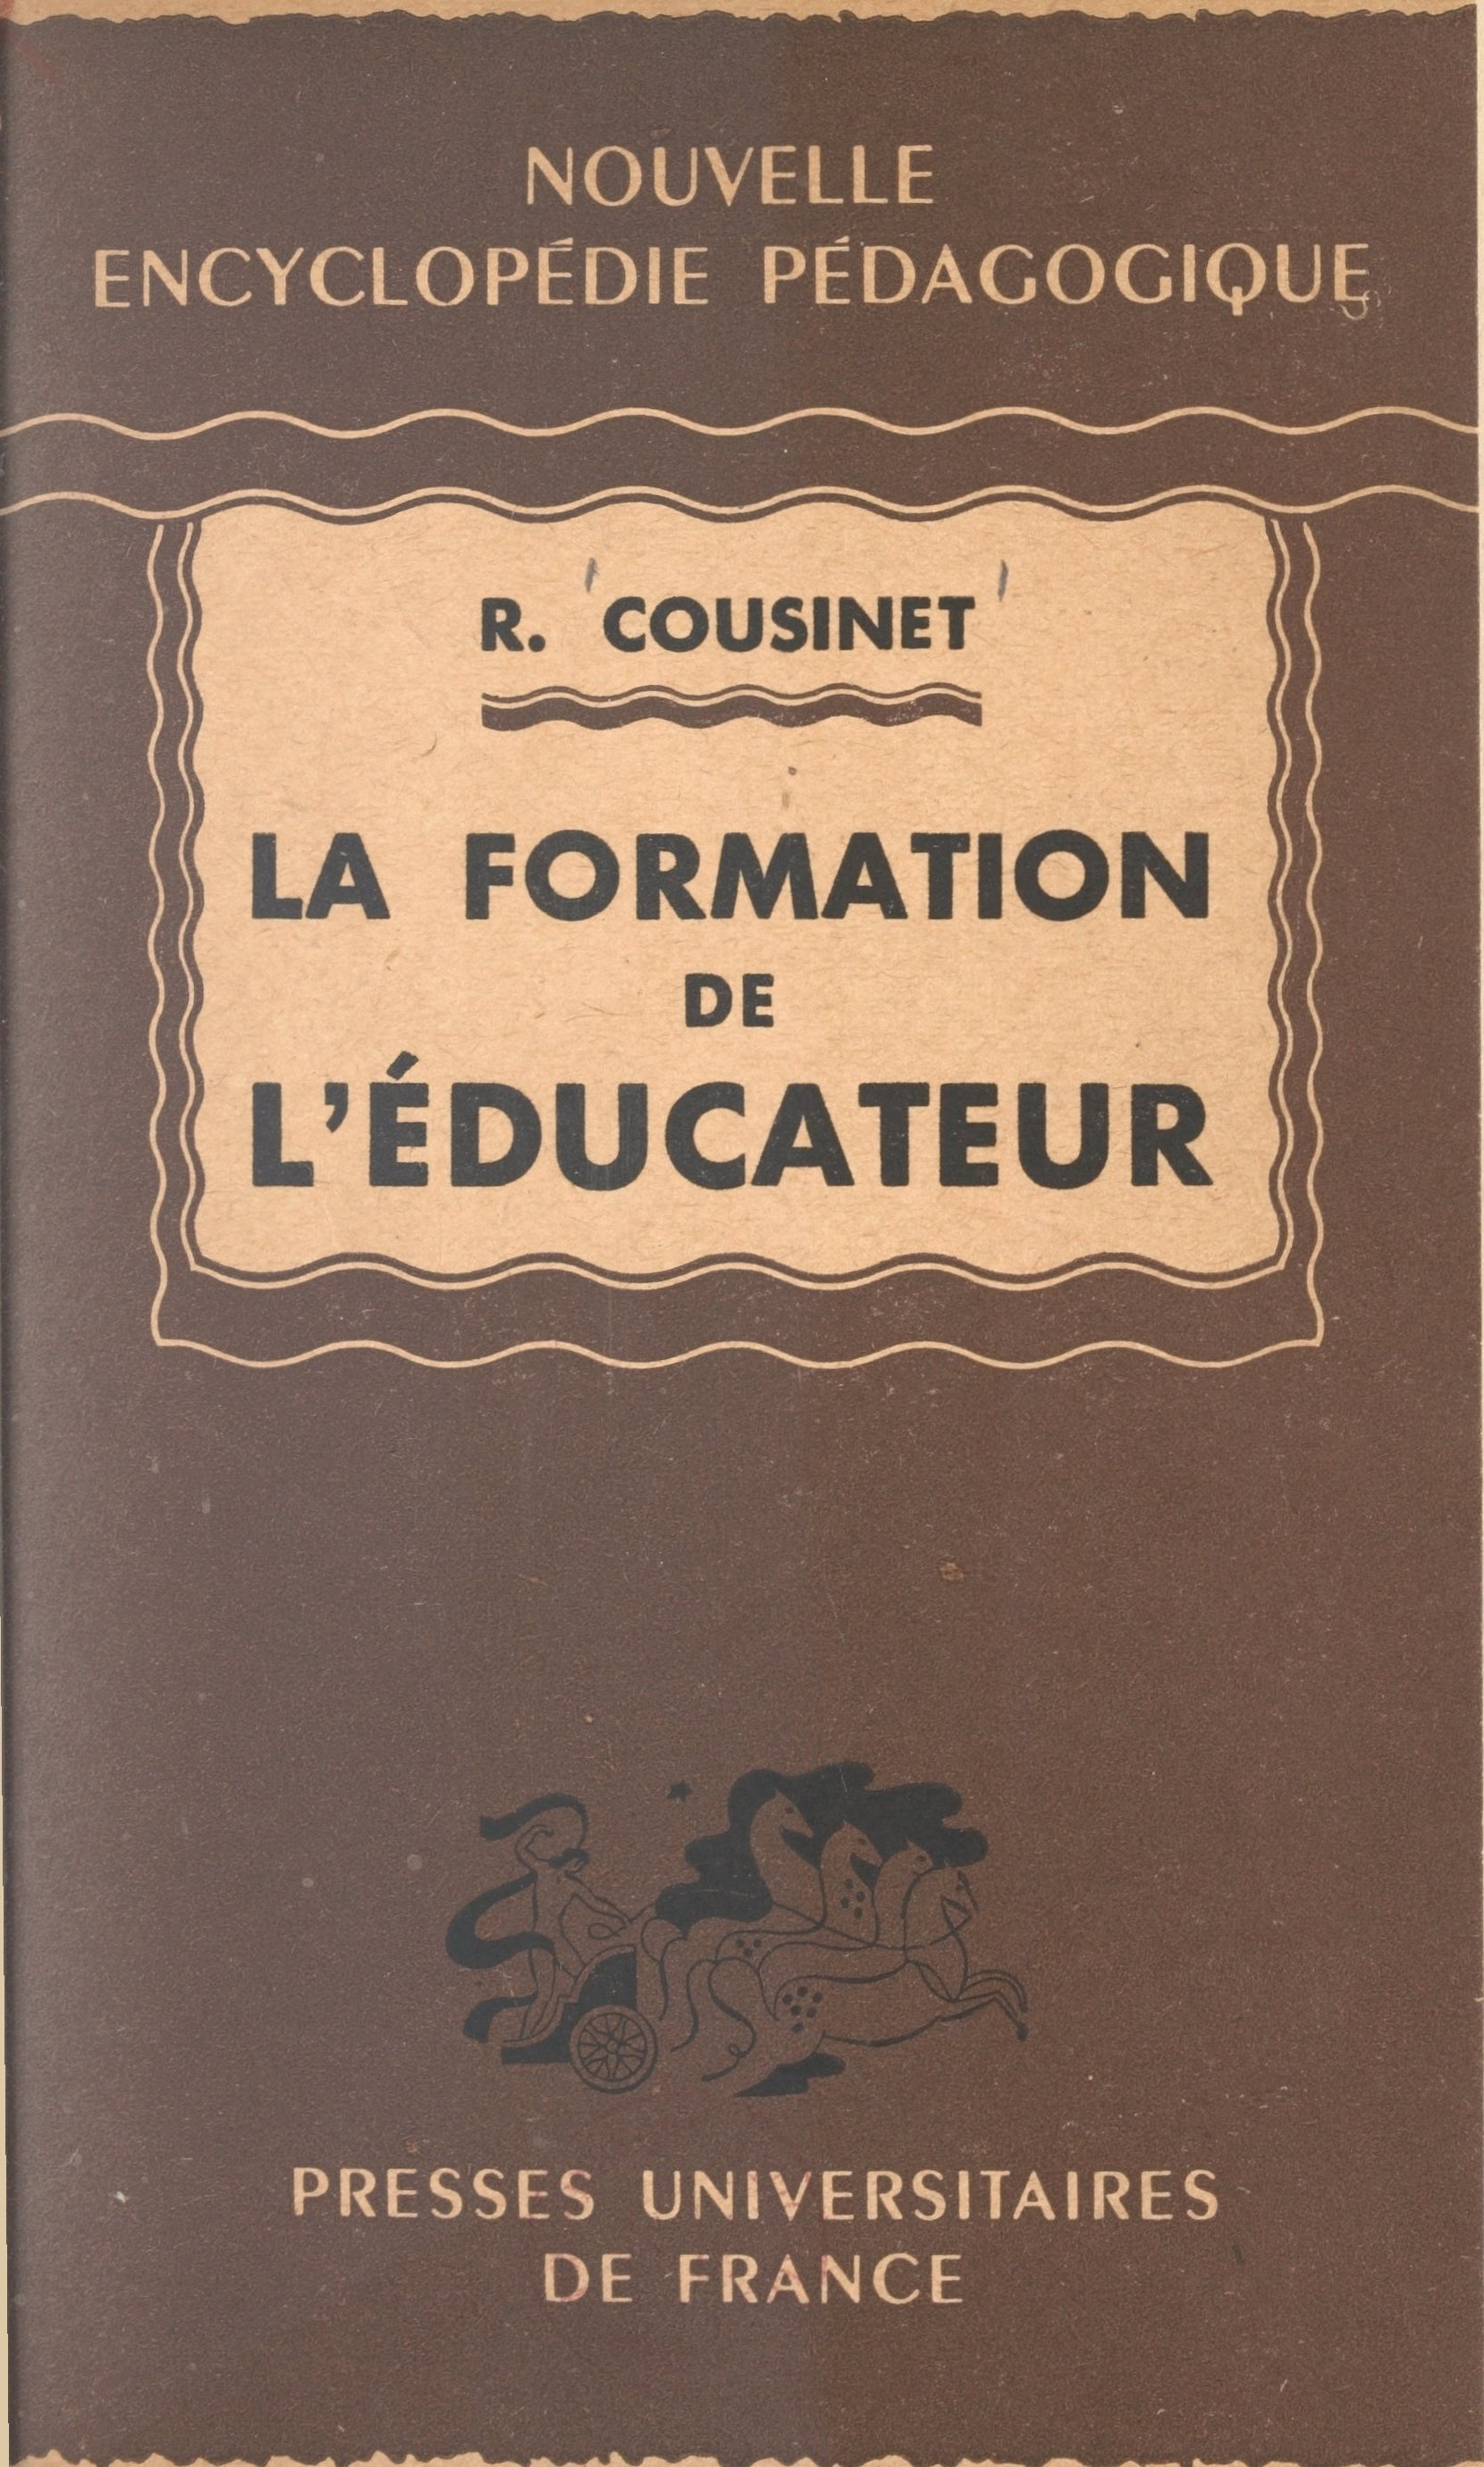 La formation de l'éducateur